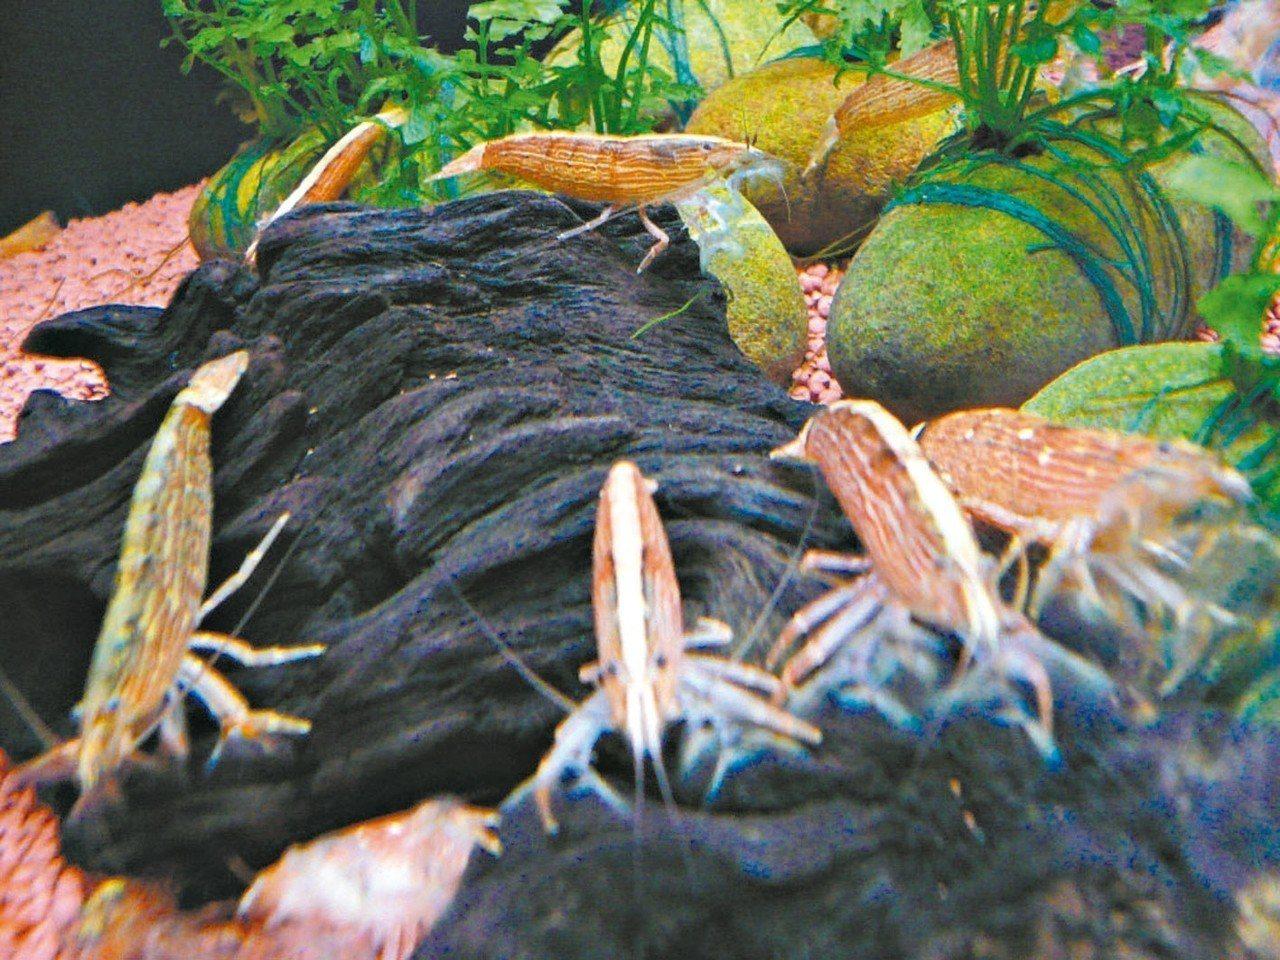 刺足仿匙蝦有天然木紋般亮麗的顏色,第一第二螯足特化成為扇形網狀構造,又名網球蝦。...